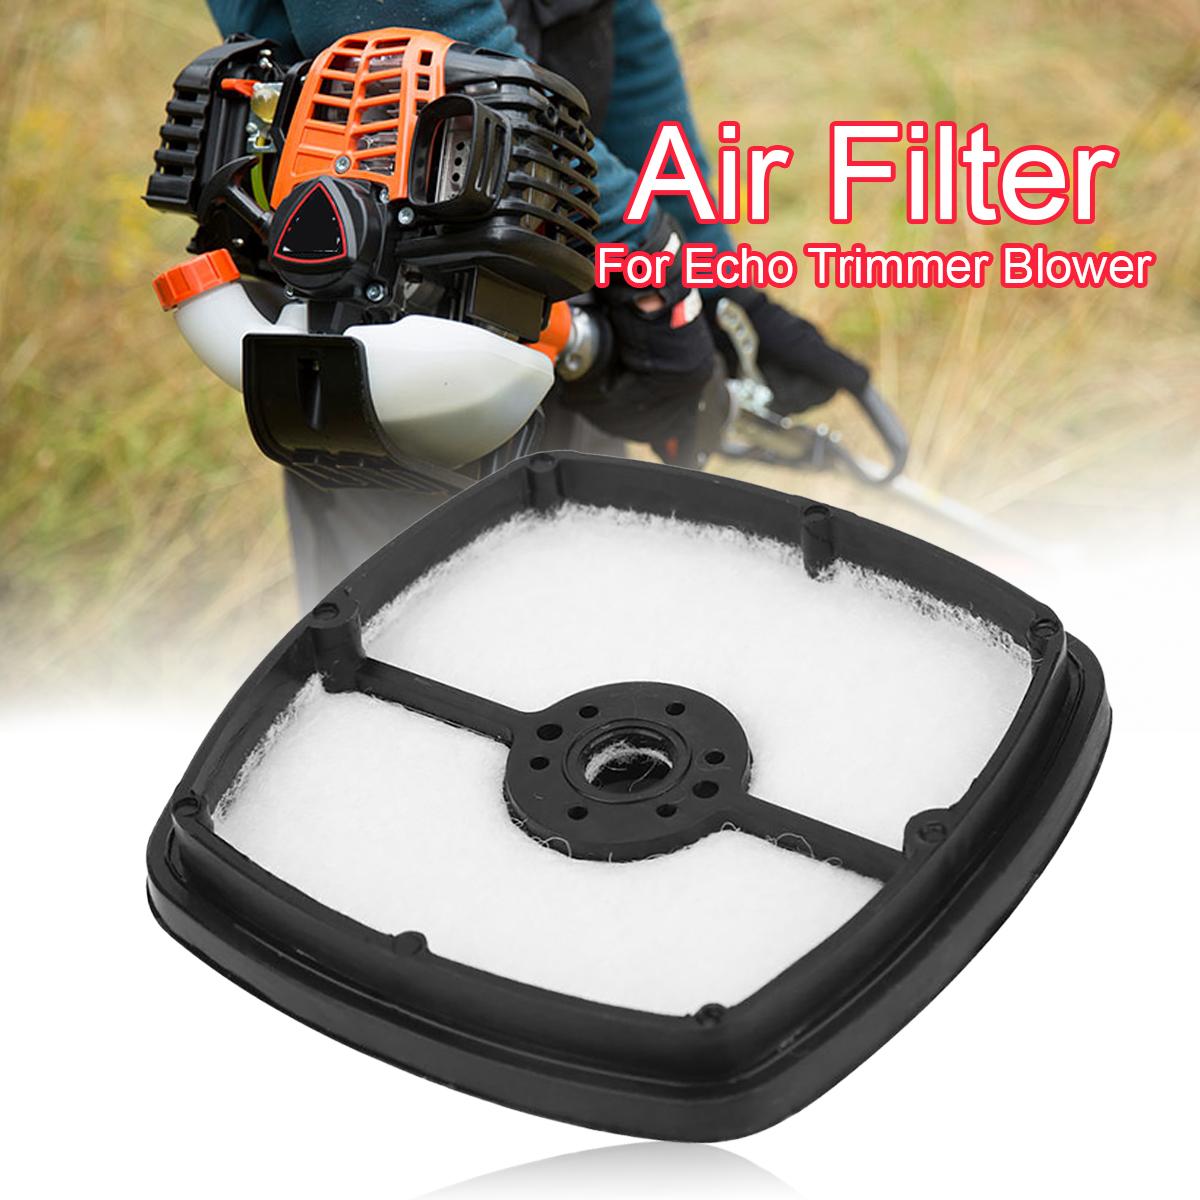 Запчасть Воздушный фильтр для эха Триммер Воздуходувка A226001410 SRM 210 225 HC150